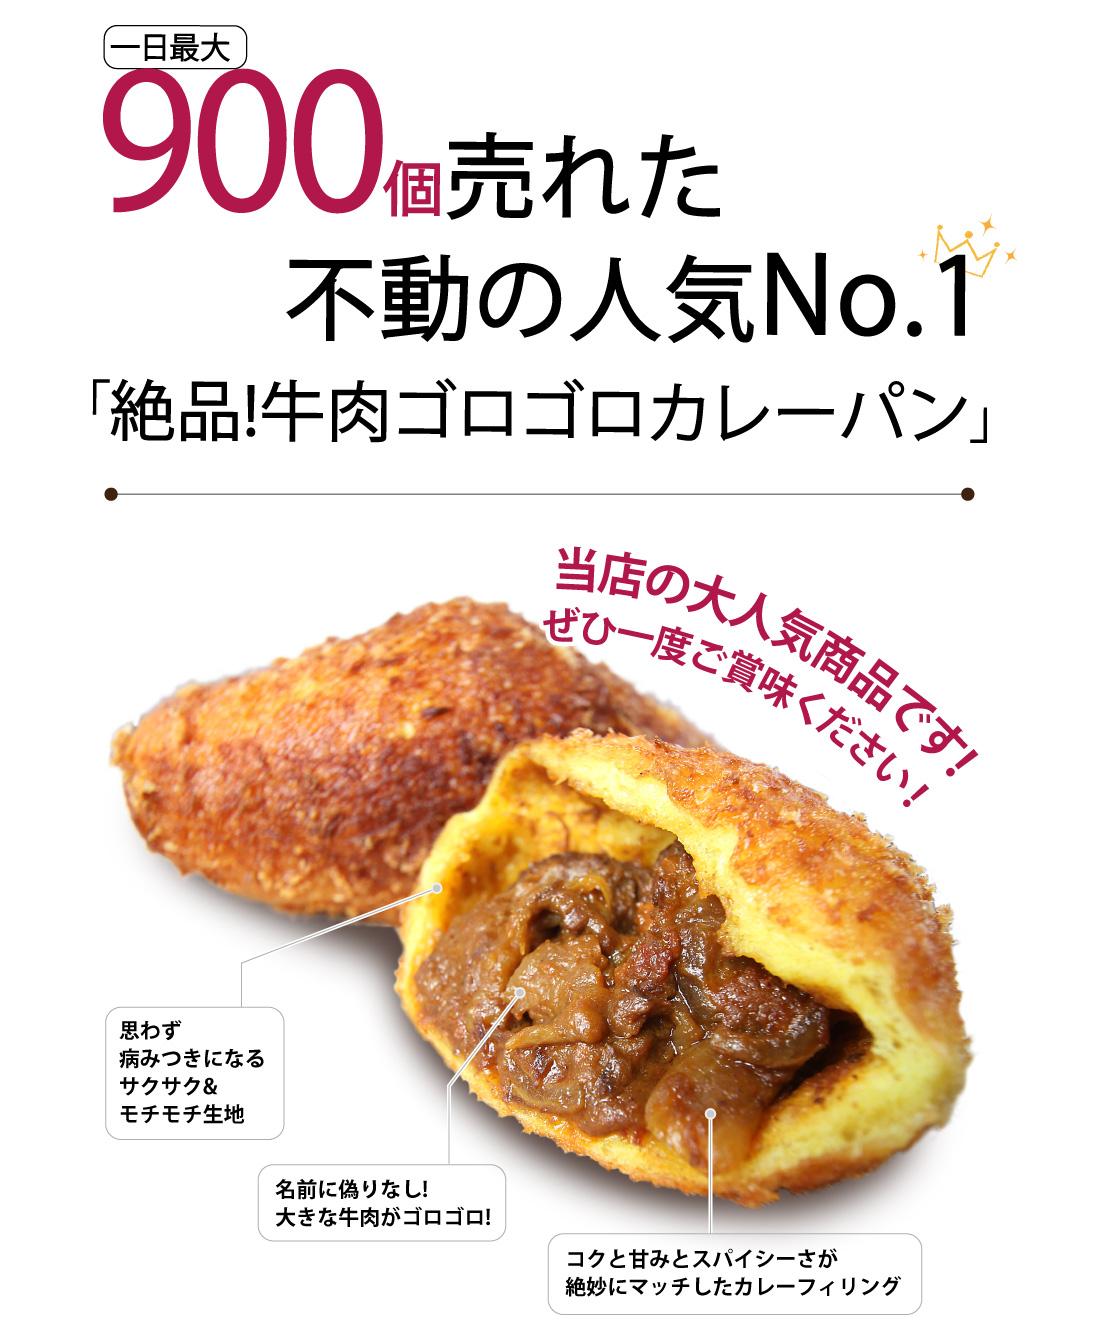 最大900個売れたカレーパン